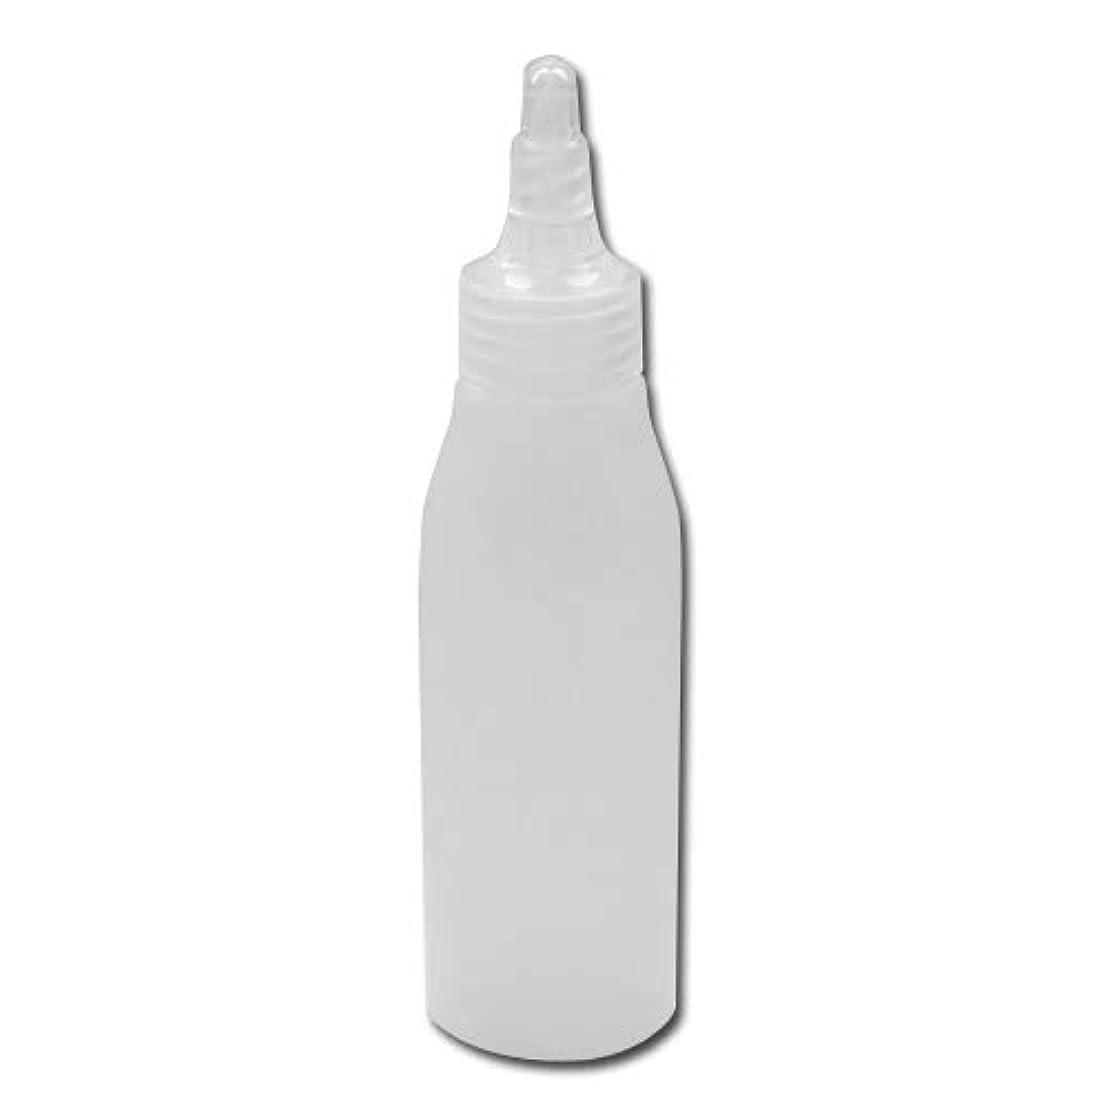 詰め替え容器100ml 半透明 ツイストキャップ 滑らかなボトルライン ノズル式│シンプル ボディーソープ ローション等の詰替に 小分け 化粧品